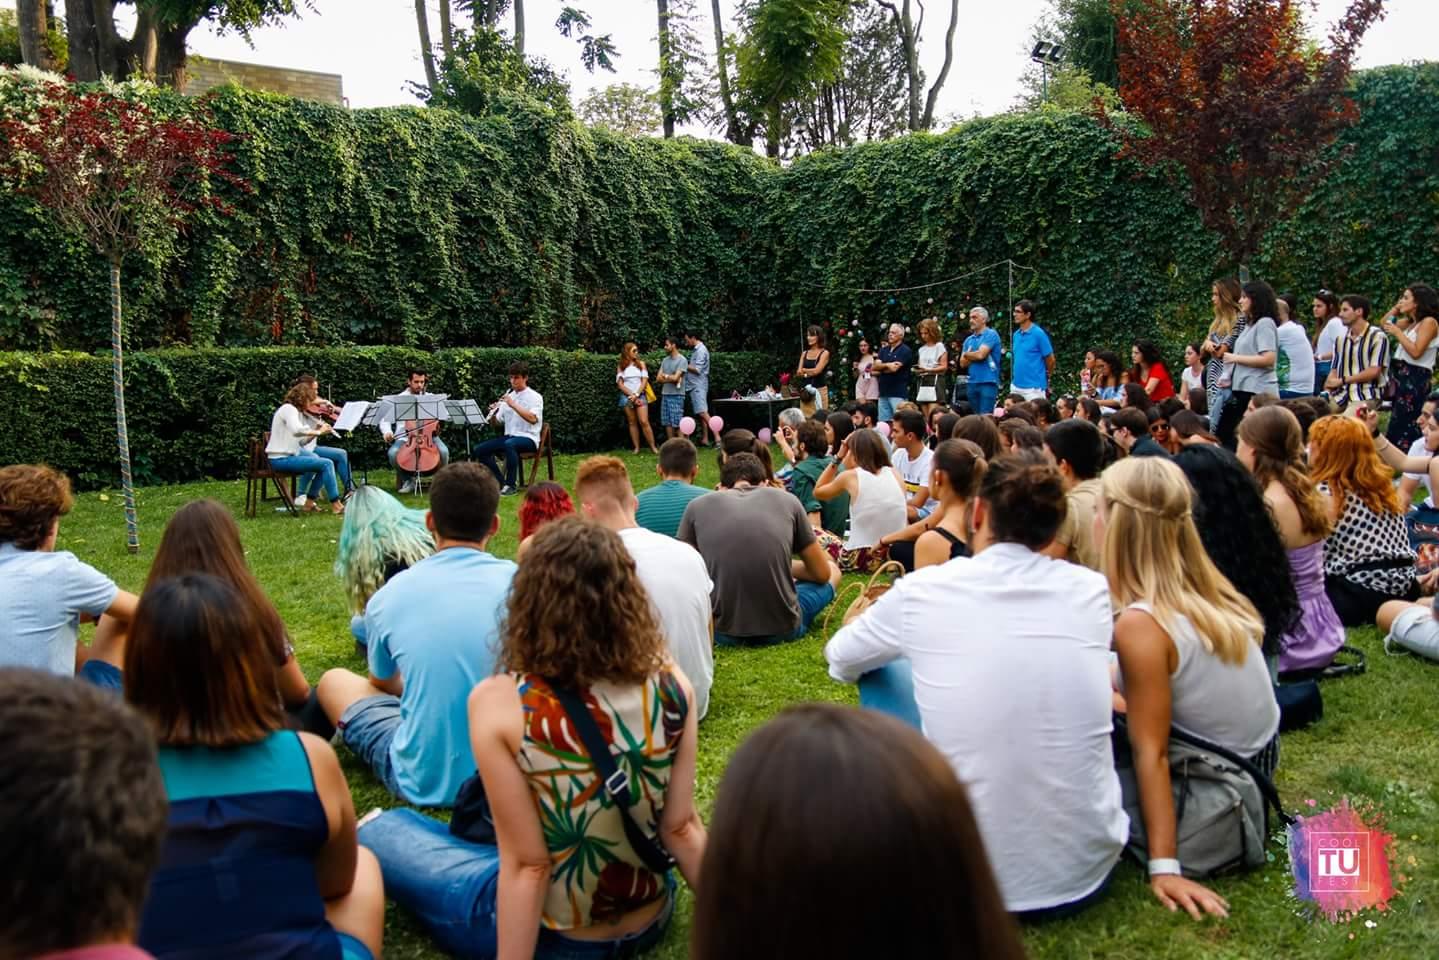 El pasado 15 de septiembre se celebró la primera edición de Cooltufest, el festival de sinergias culturales